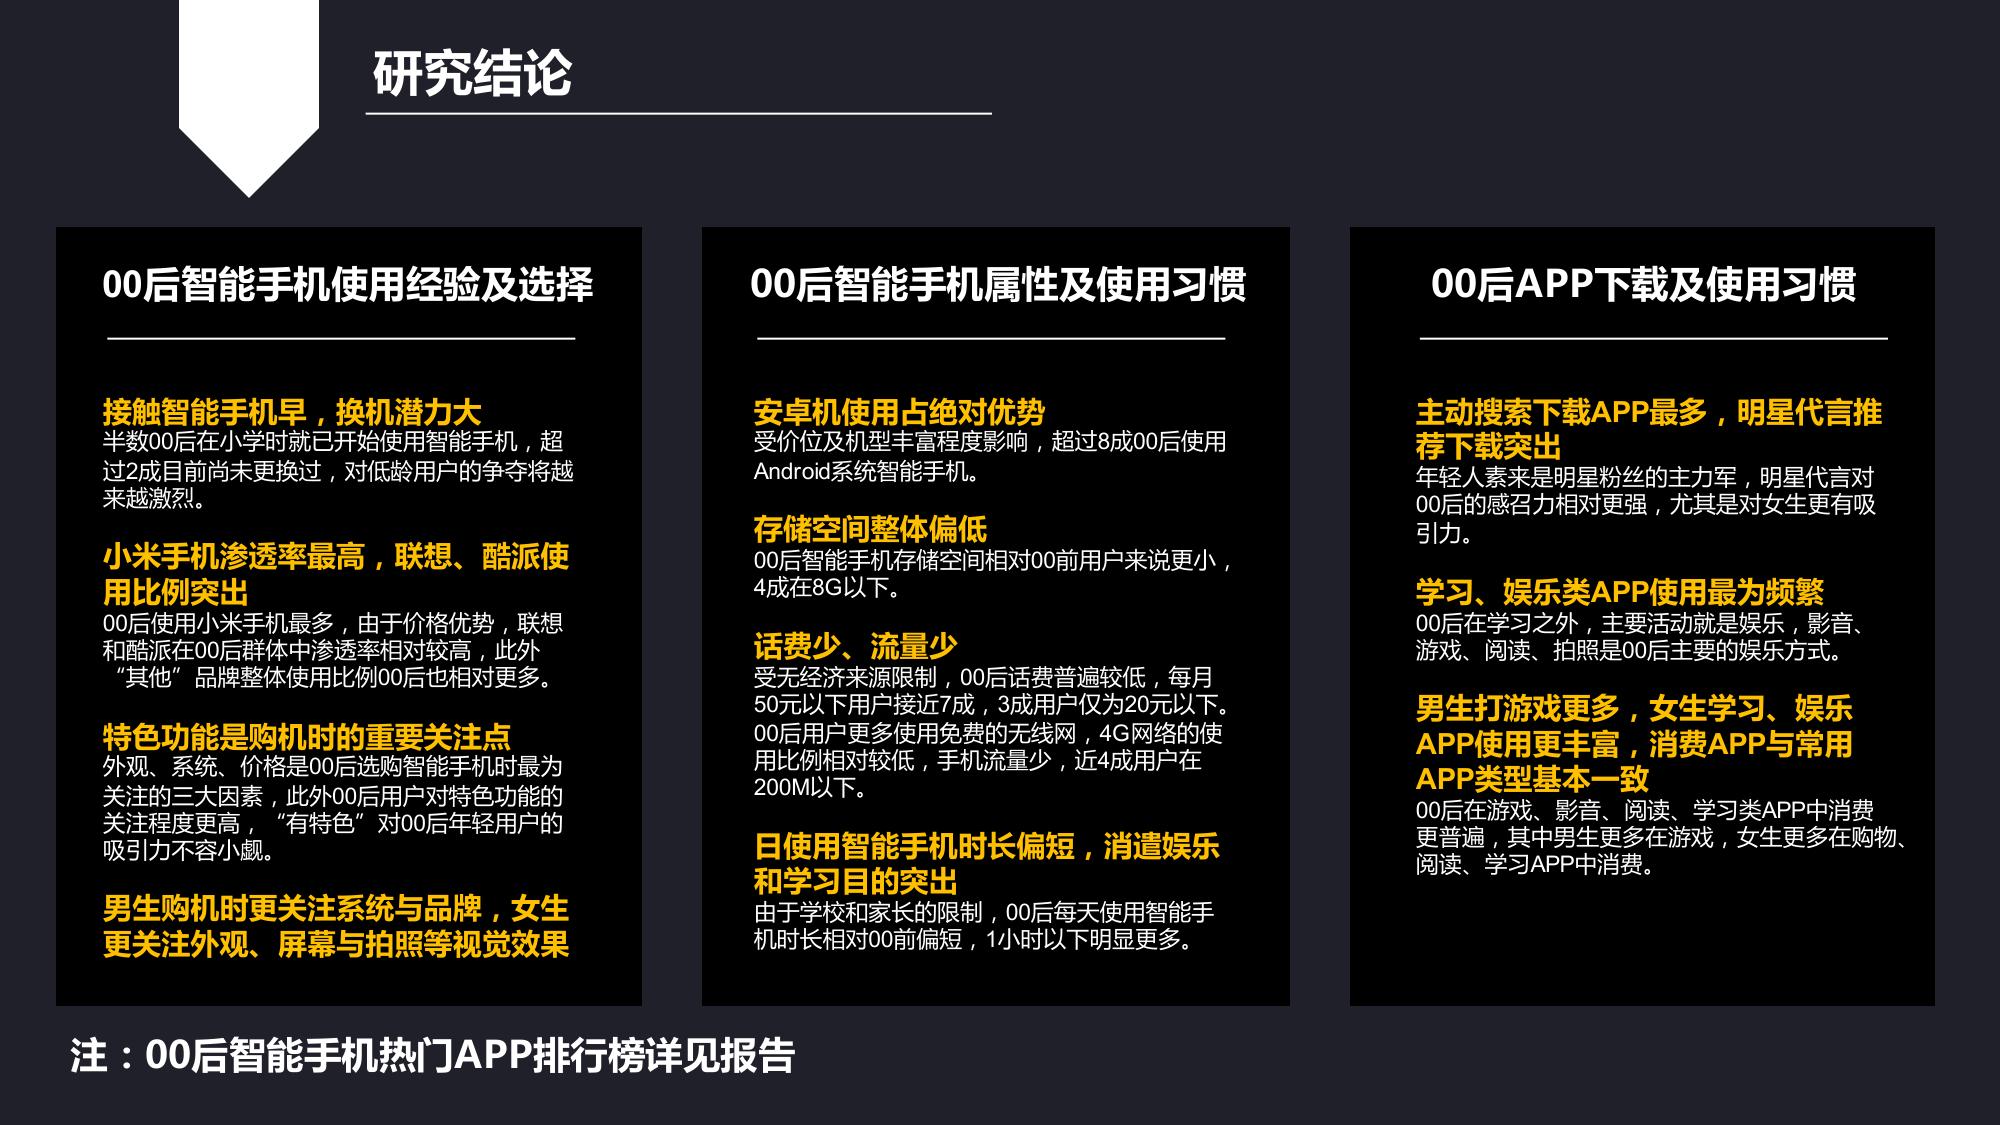 00后智能手机及APP使用习惯研究报告_000004